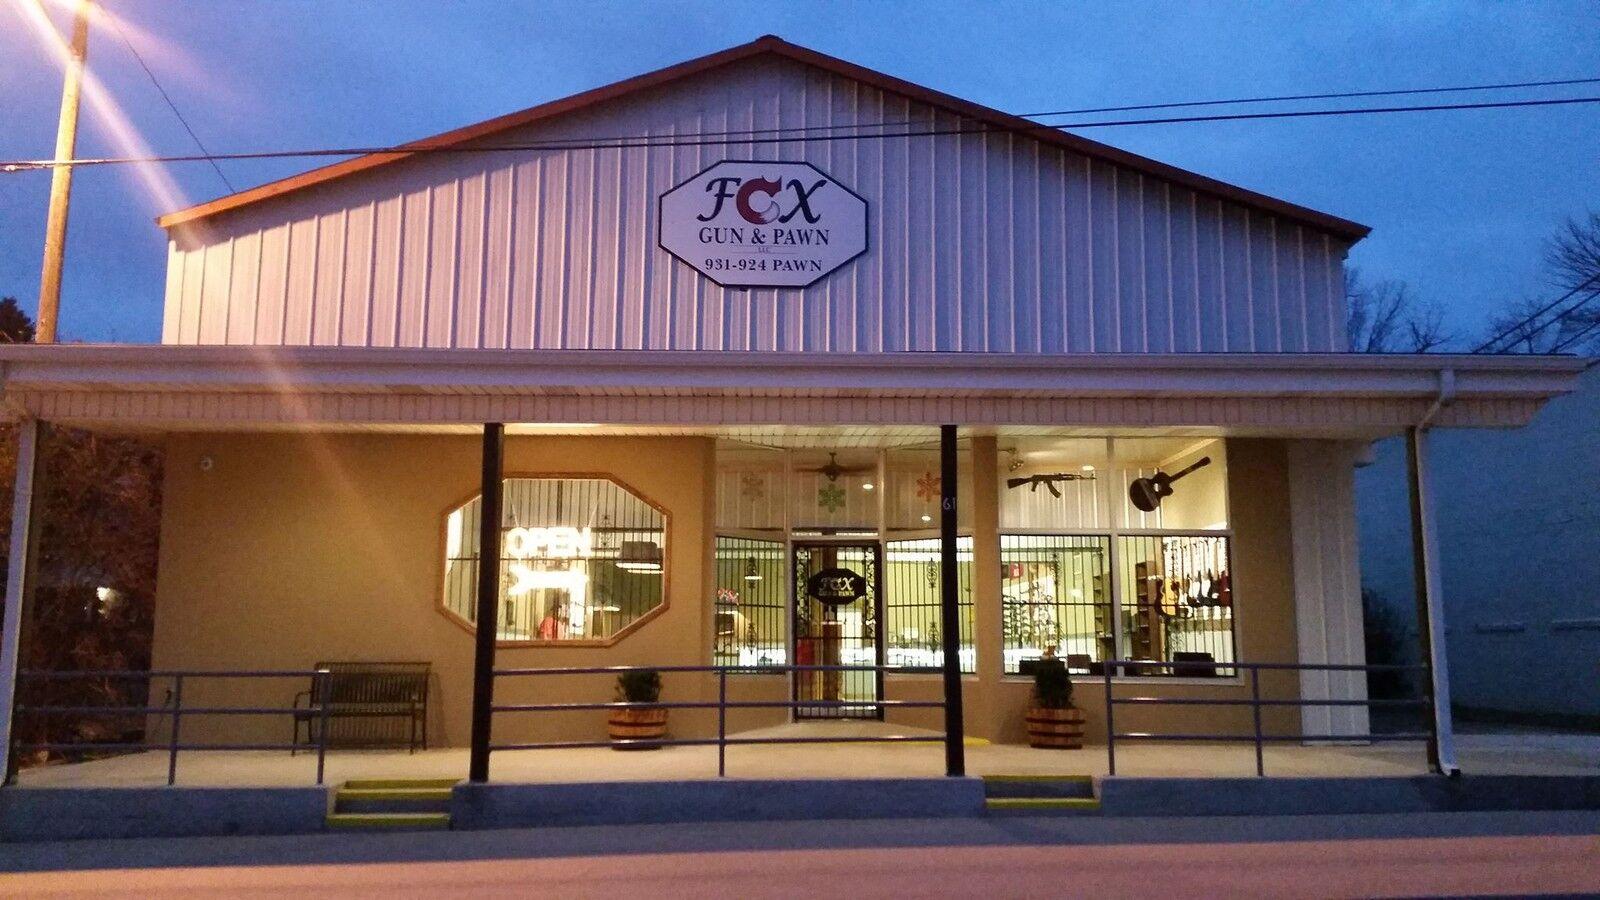 Fox Gun & Pawn LLC